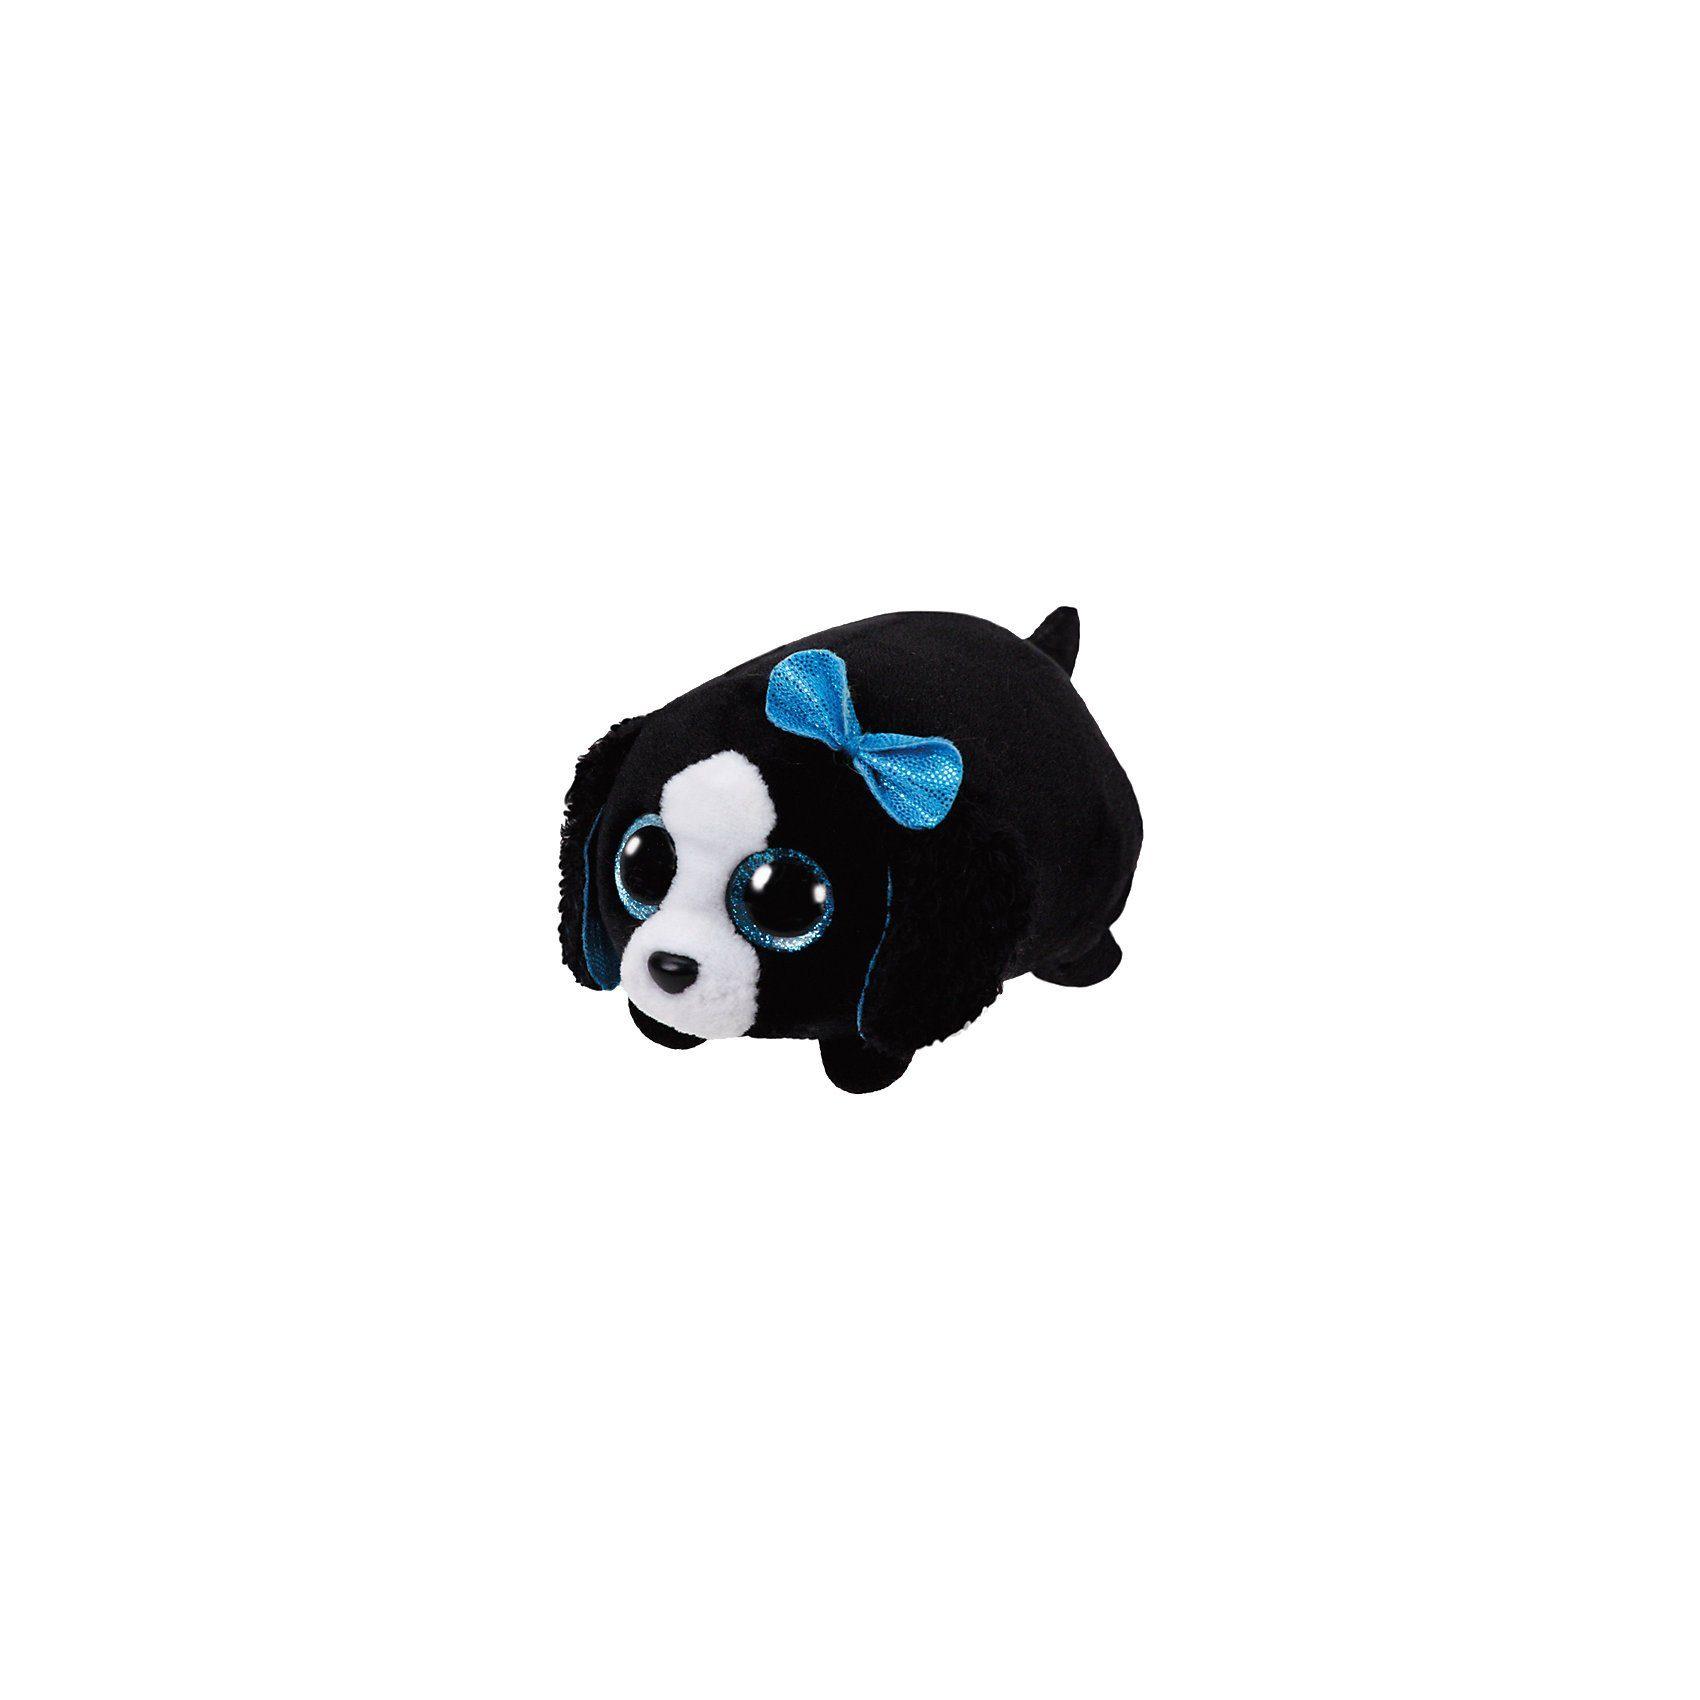 Ty Teeny s Hund Marci schwarz/weiss, 10 cm